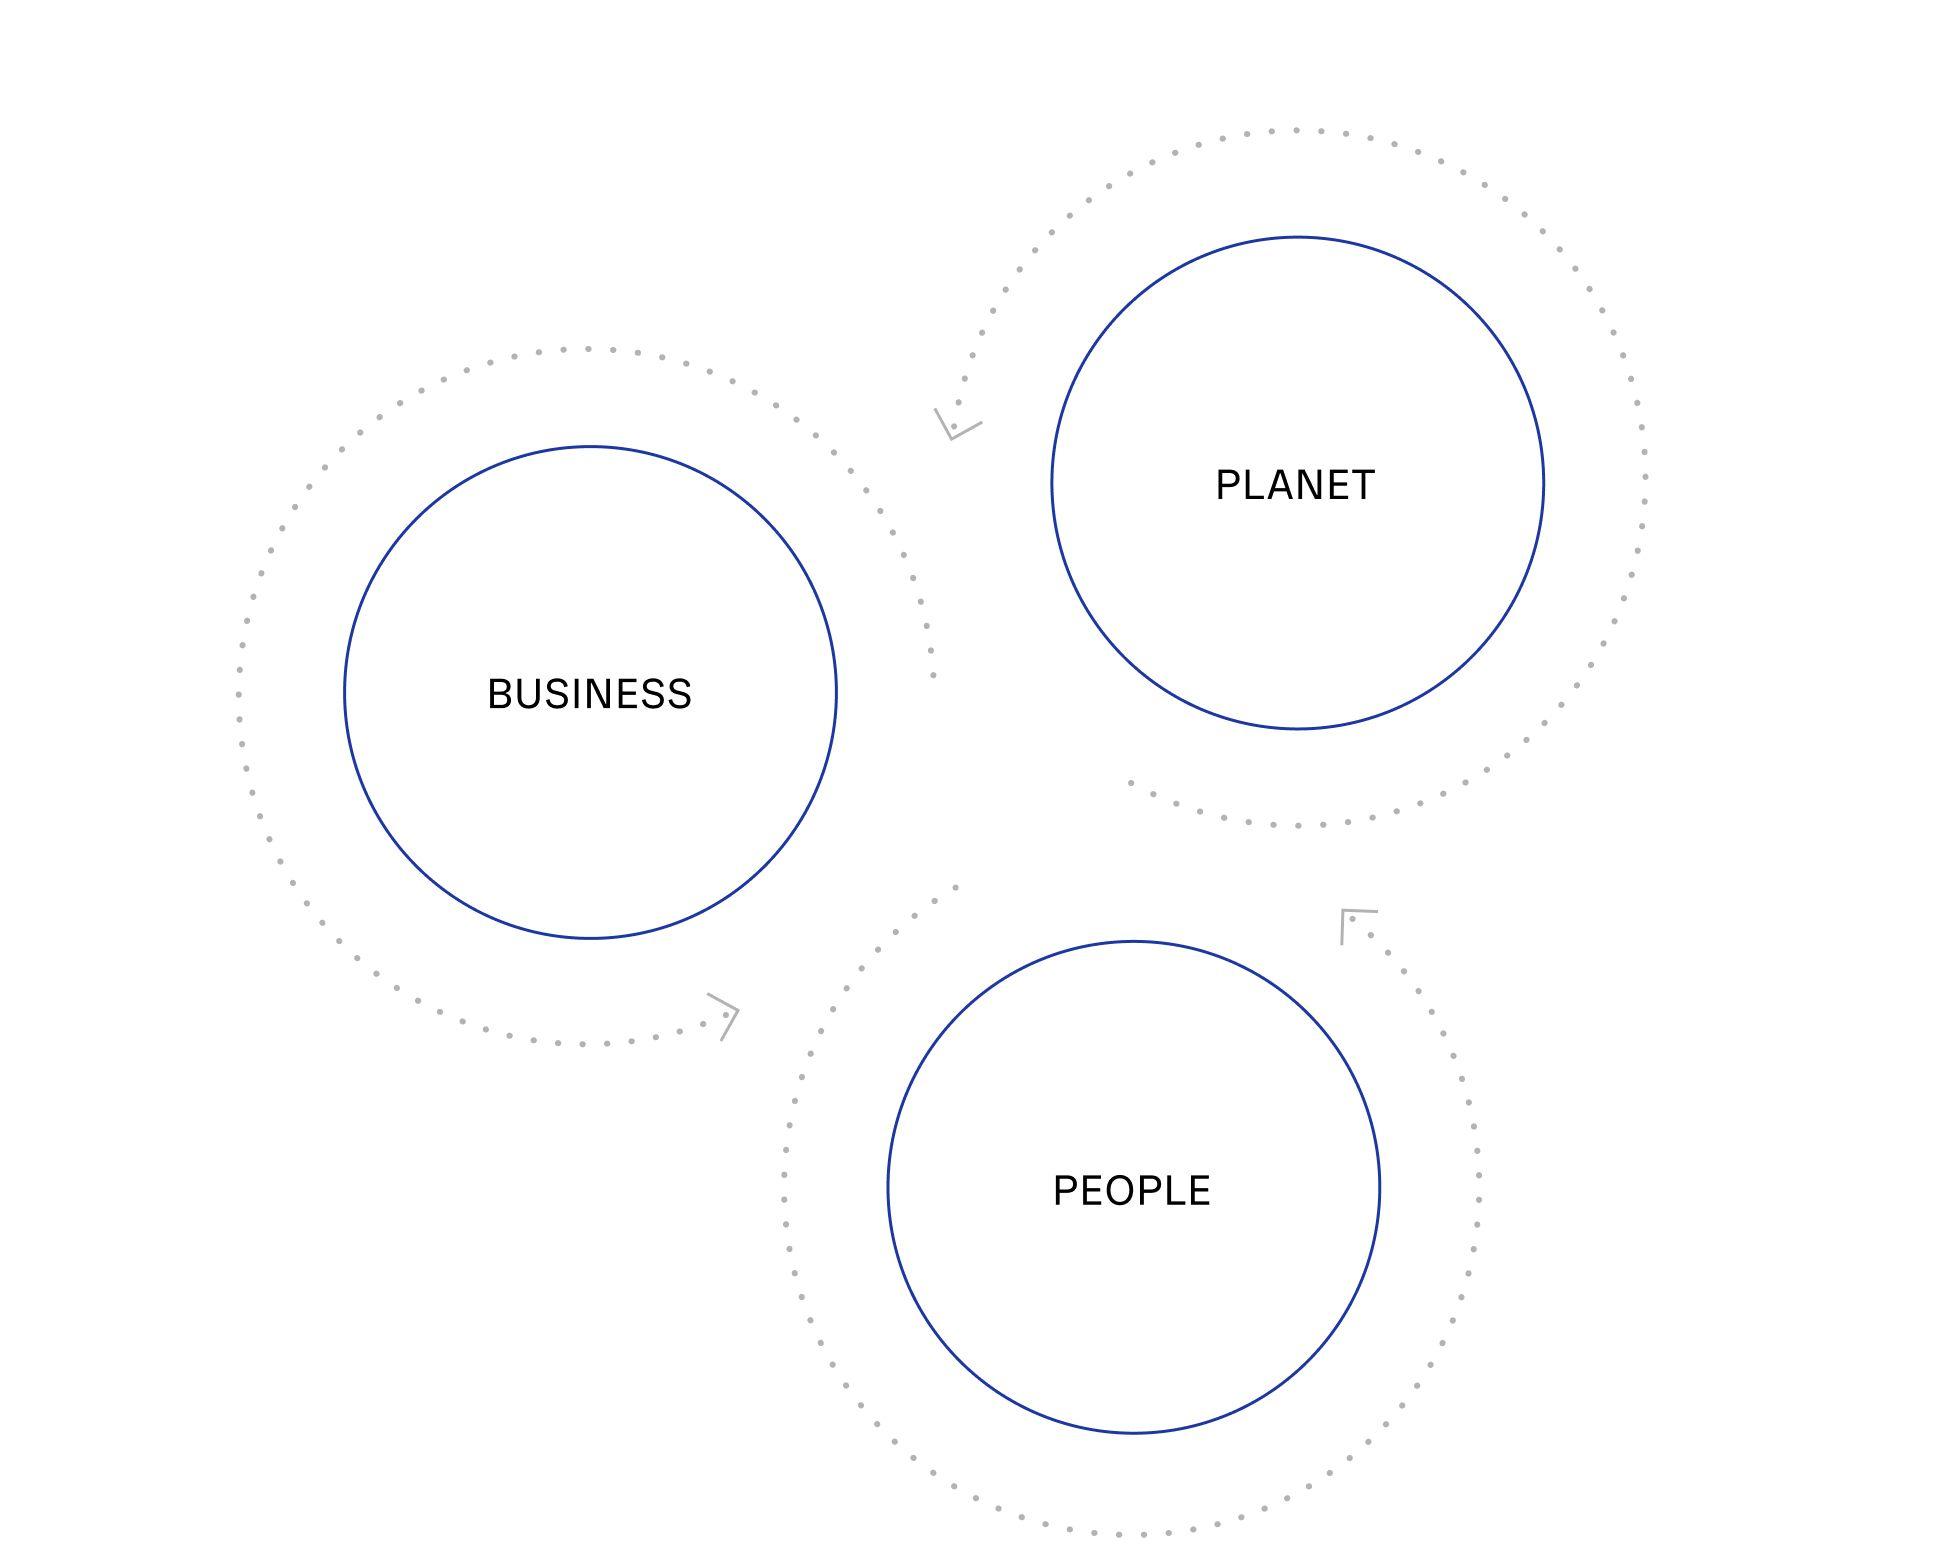 NORNORM Company Circularity Model